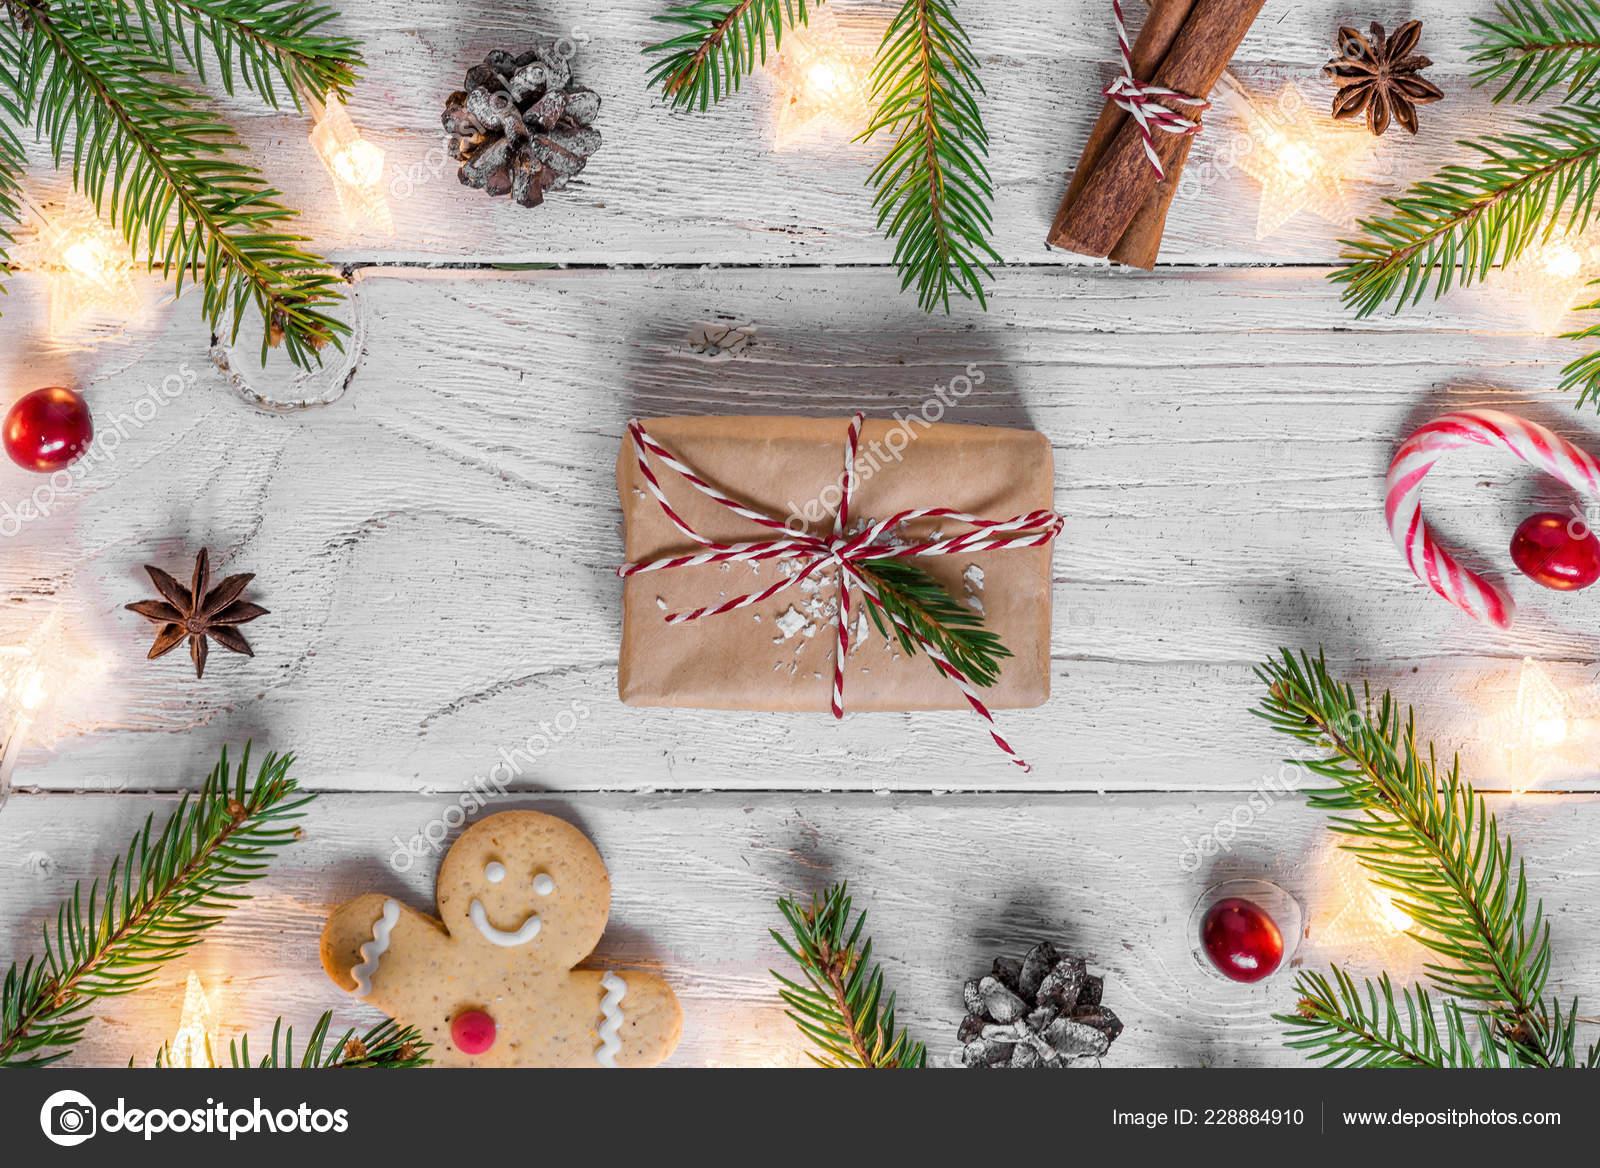 Weihnachtsbeleuchtung Kegel.Weihnachten Hintergrund Mit Weihnachtsbeleuchtung Essen Tanne Beeren